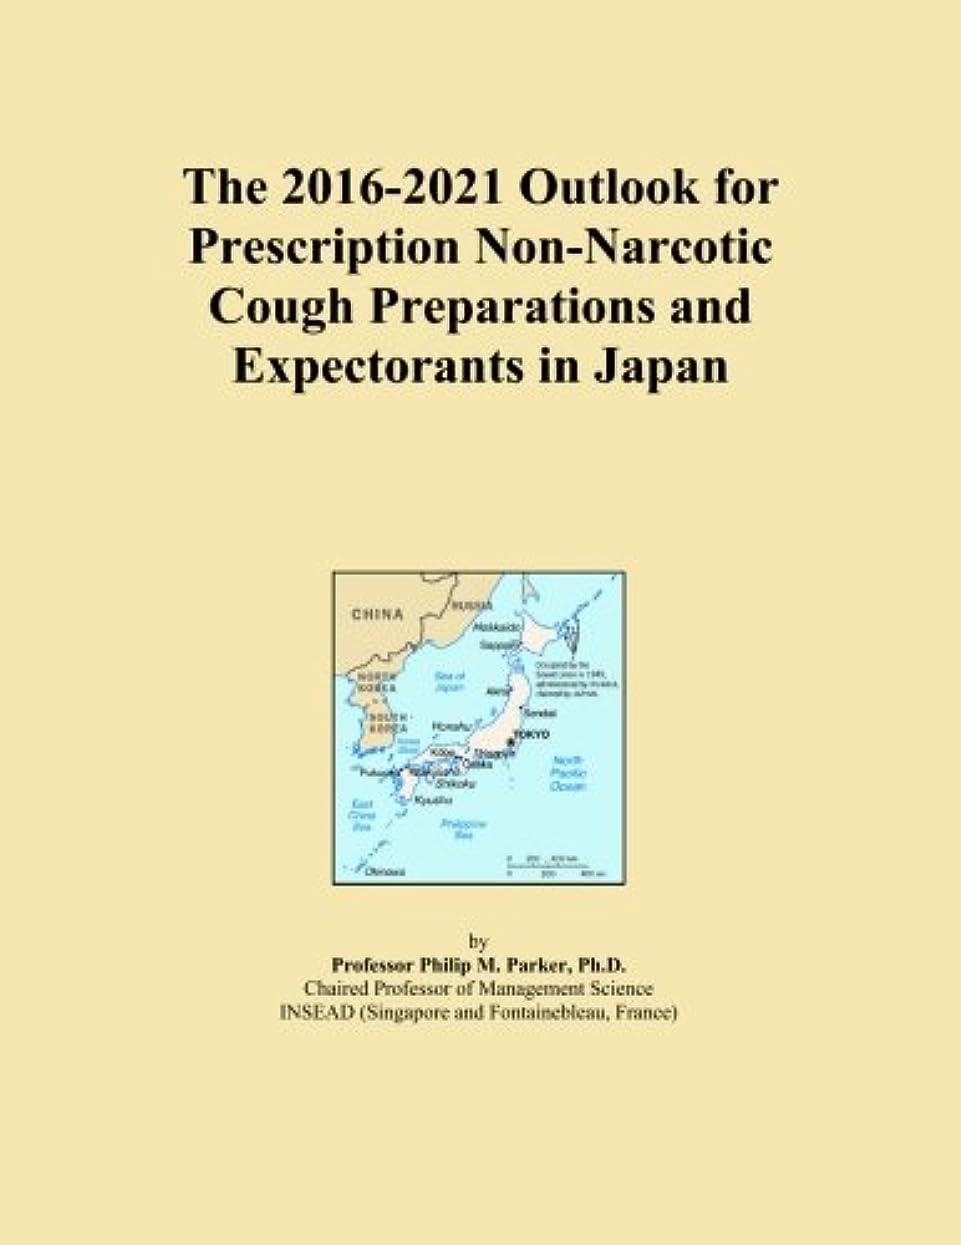 下着状況郡The 2016-2021 Outlook for Prescription Non-Narcotic Cough Preparations and Expectorants in Japan